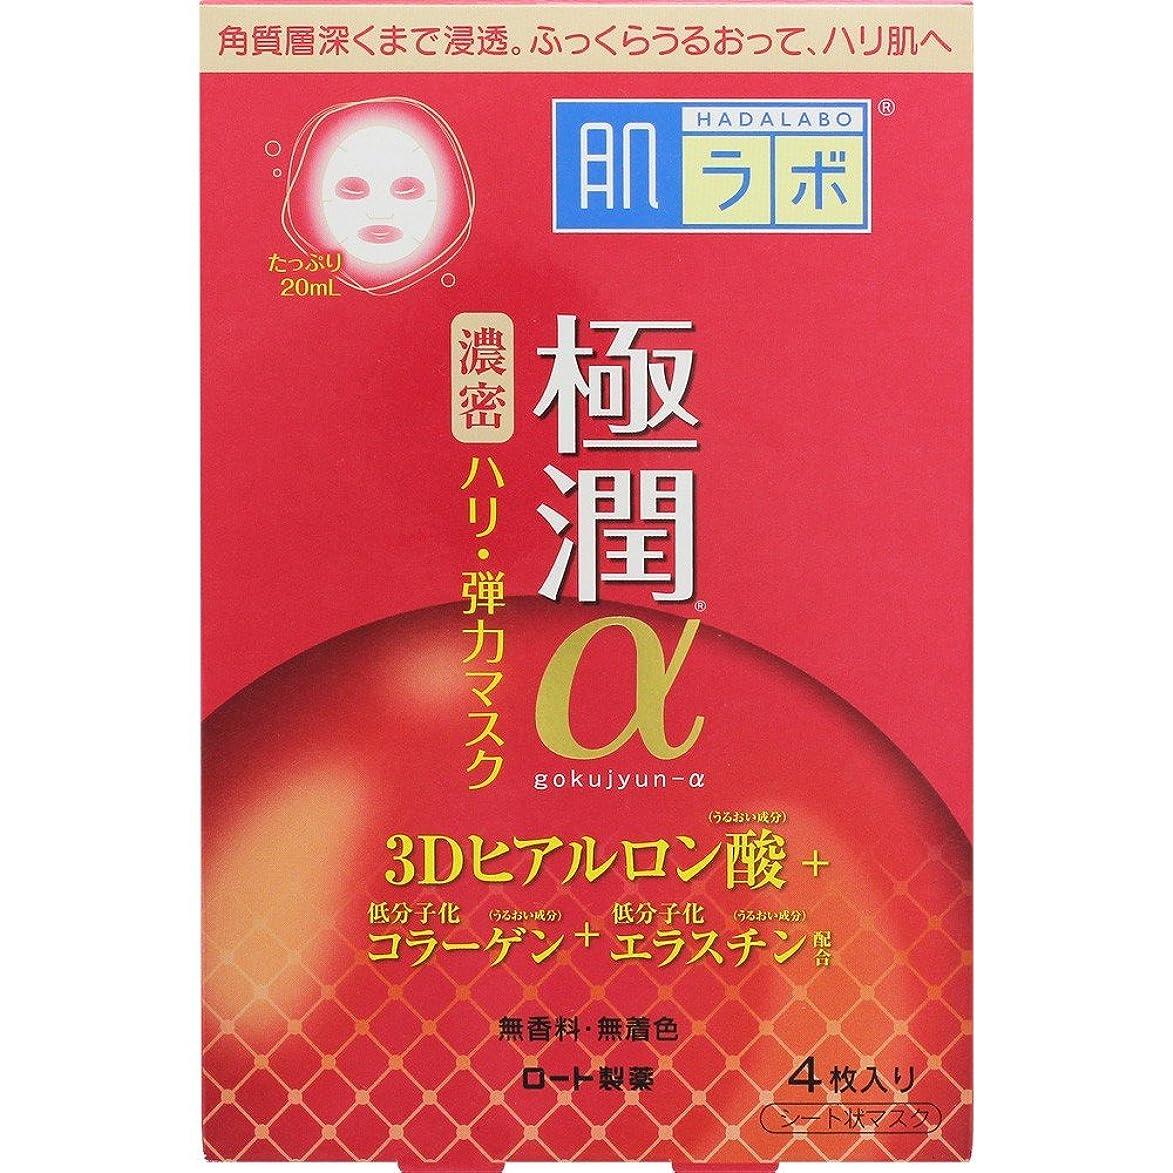 ブラウス市場逸脱肌ラボ 極潤α スペシャルハリマスク 3Dヒアルロン酸×低分子化コラーゲン×低分子化エラスチン配合 4枚